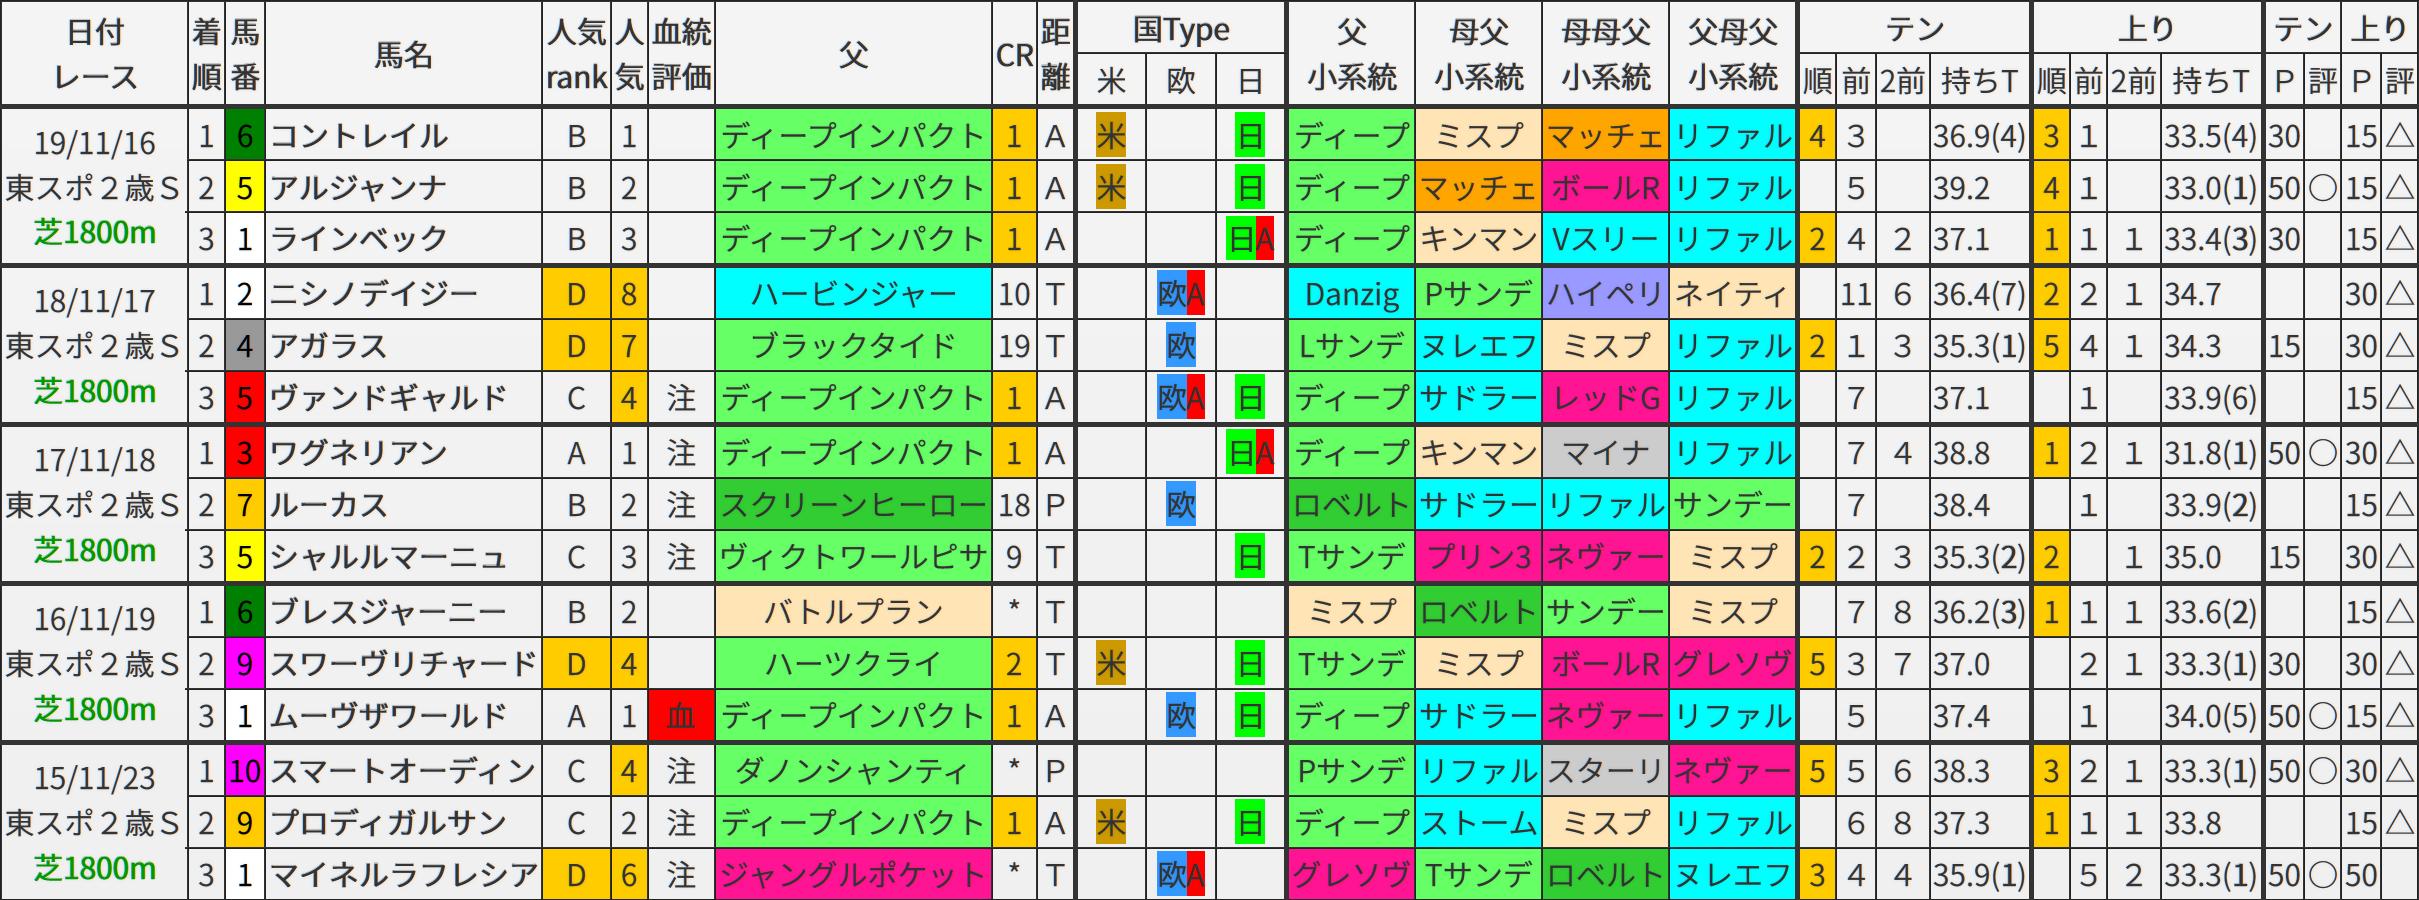 東京スポーツ杯2歳S 過去5年ブラッドバイアス